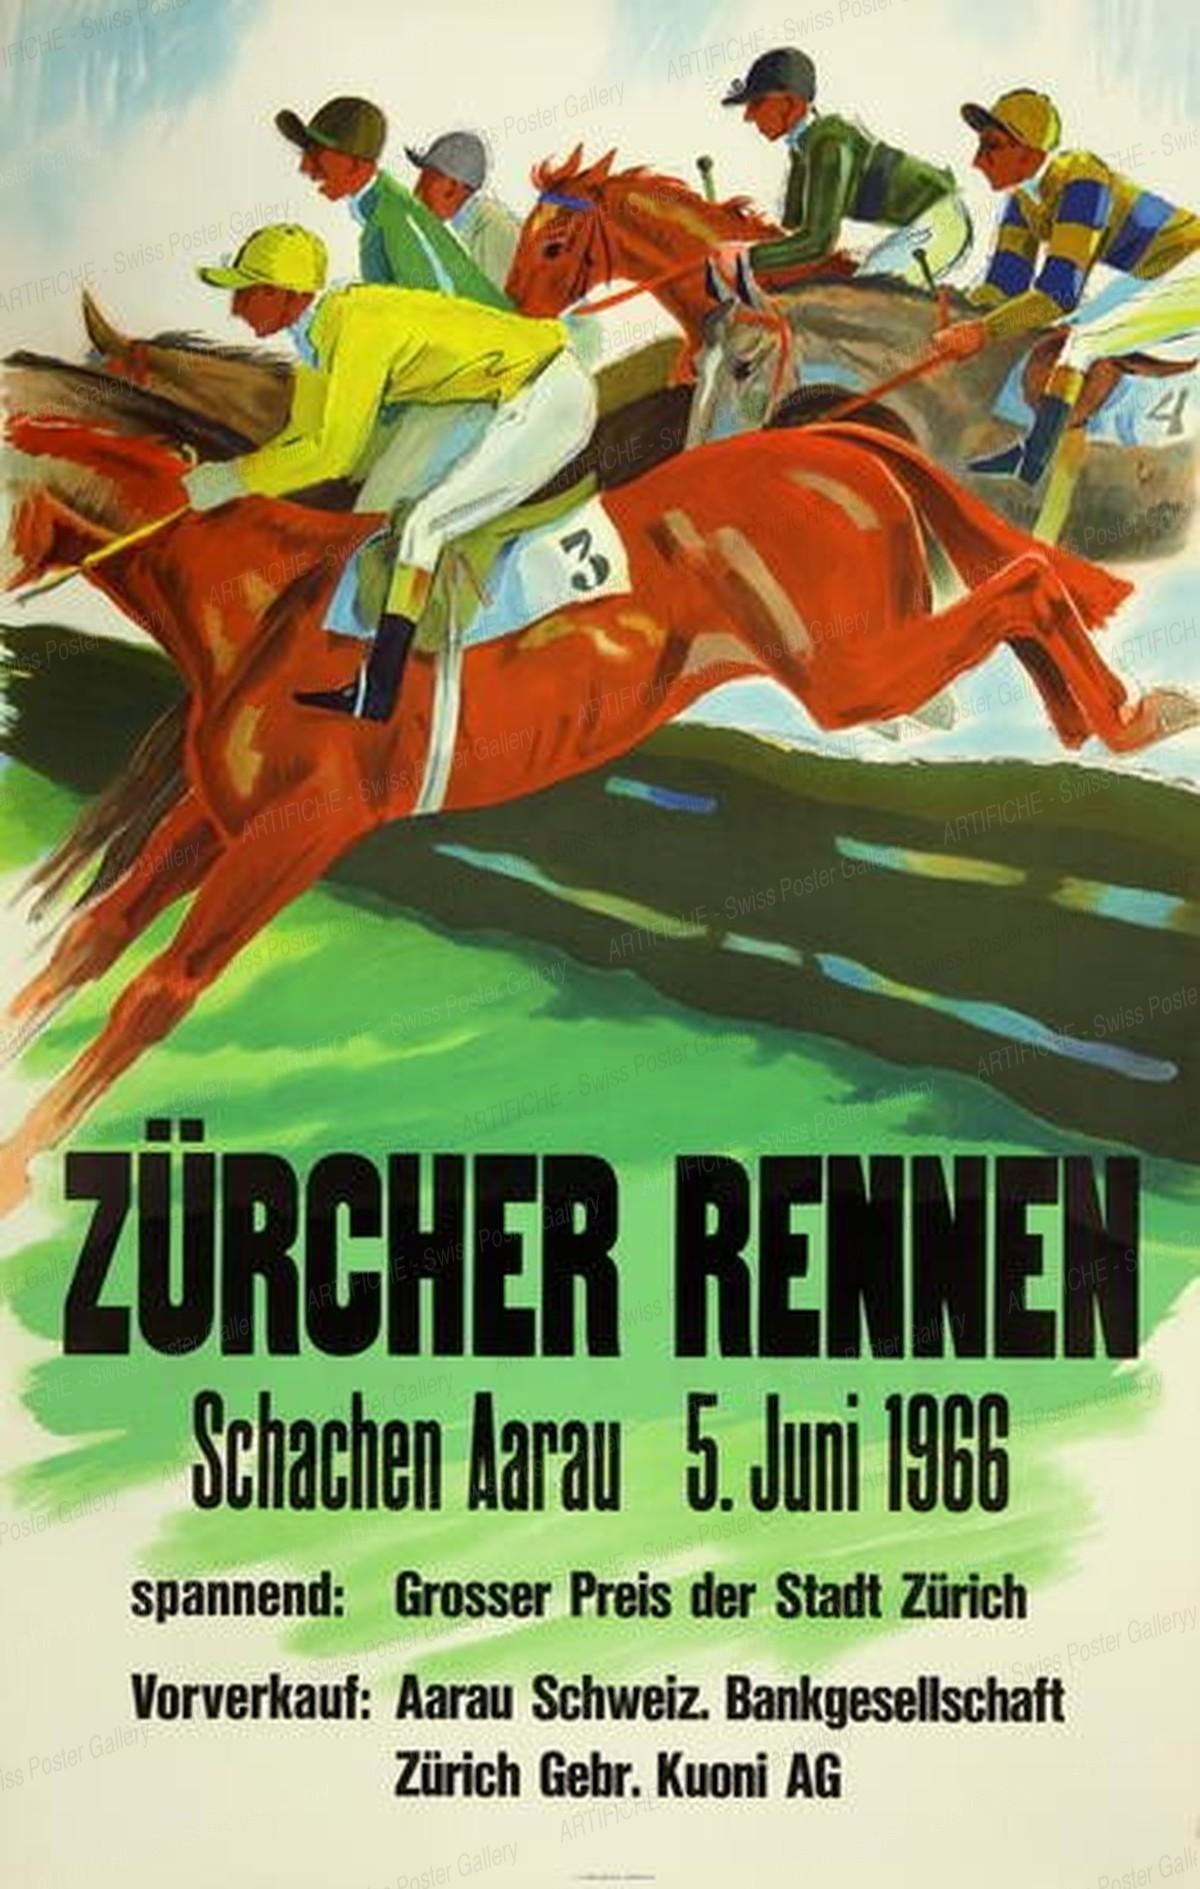 Zürcher Rennen Schachen Aarau, Herbert Berthold Libiszewski